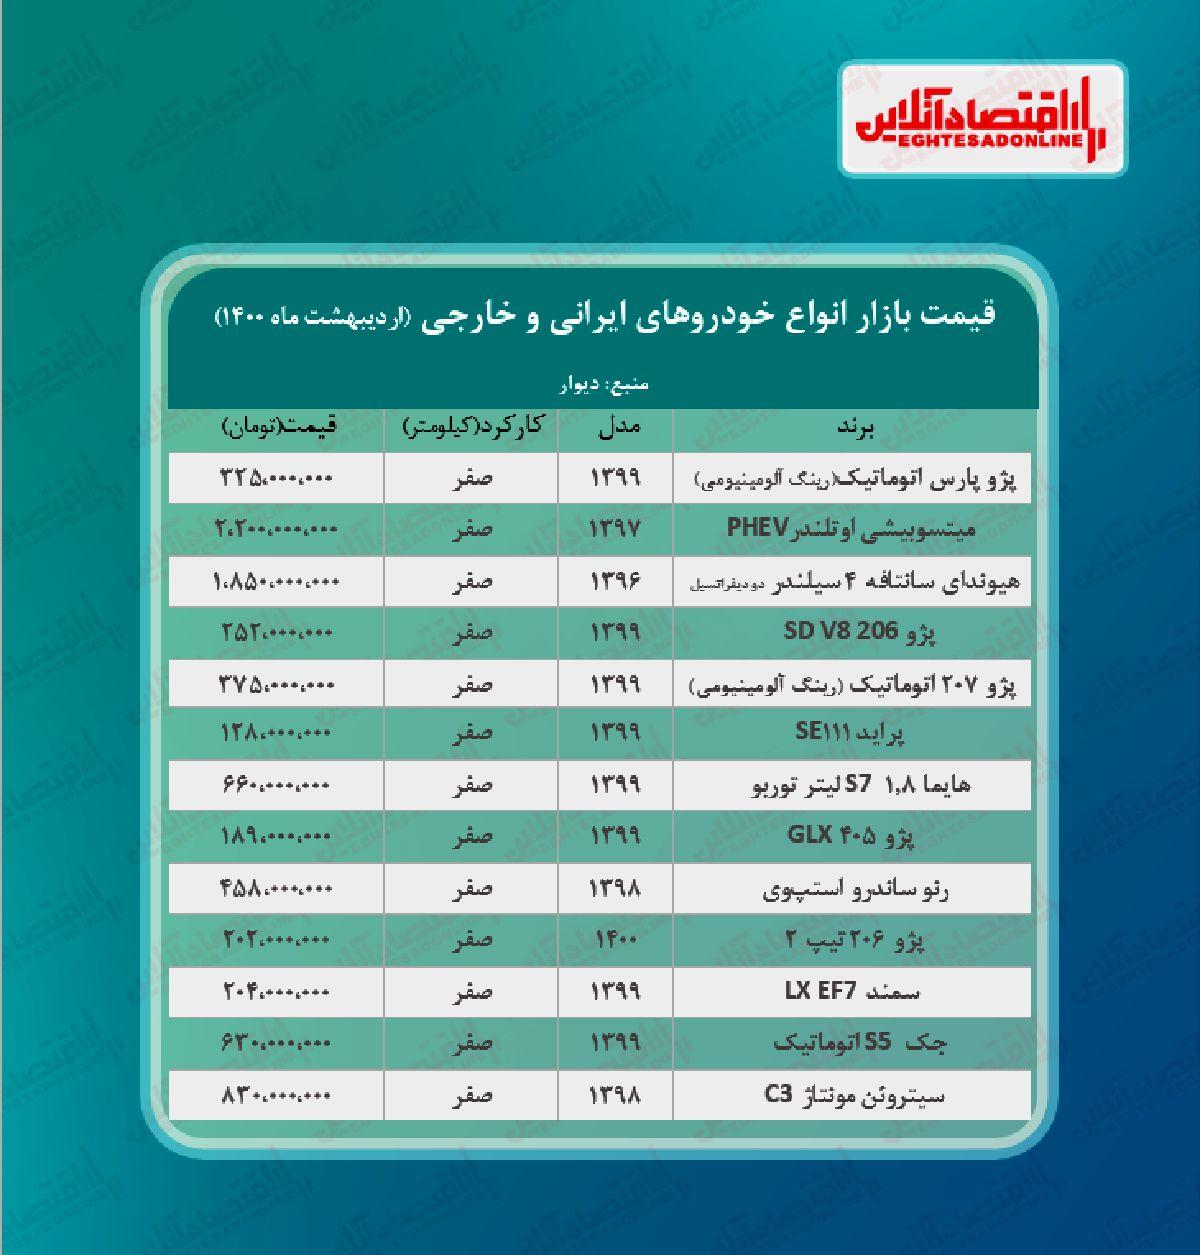 قیمت خودرو امروز ۱۴۰۰/۲/۳۱